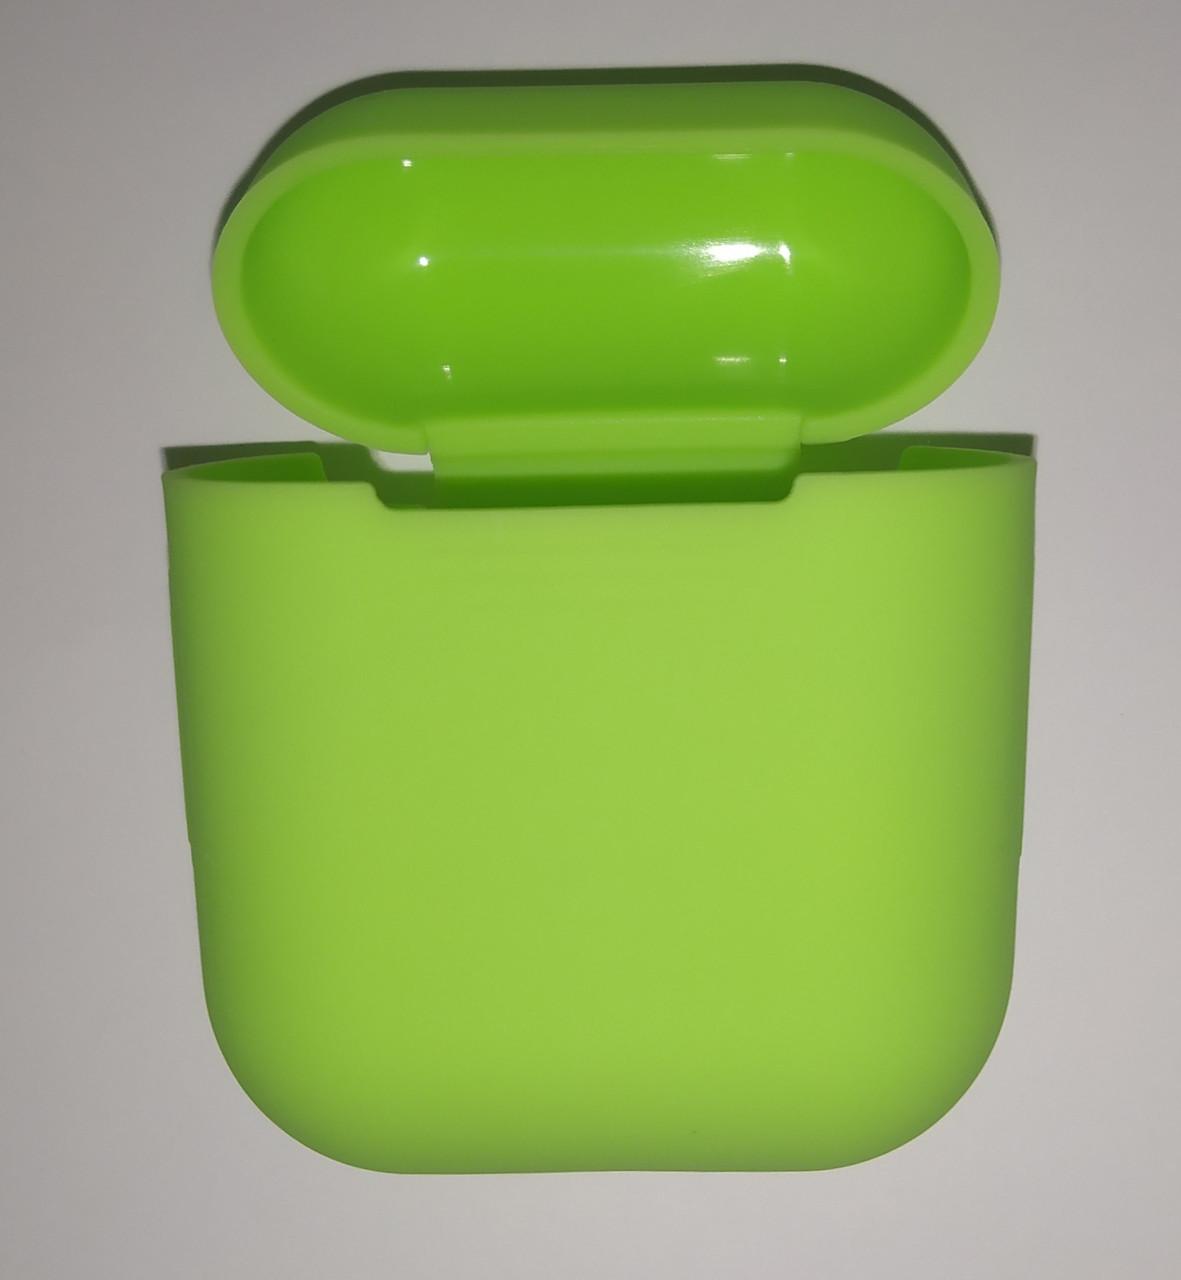 Чехол на AirPods салатный, силиконовый